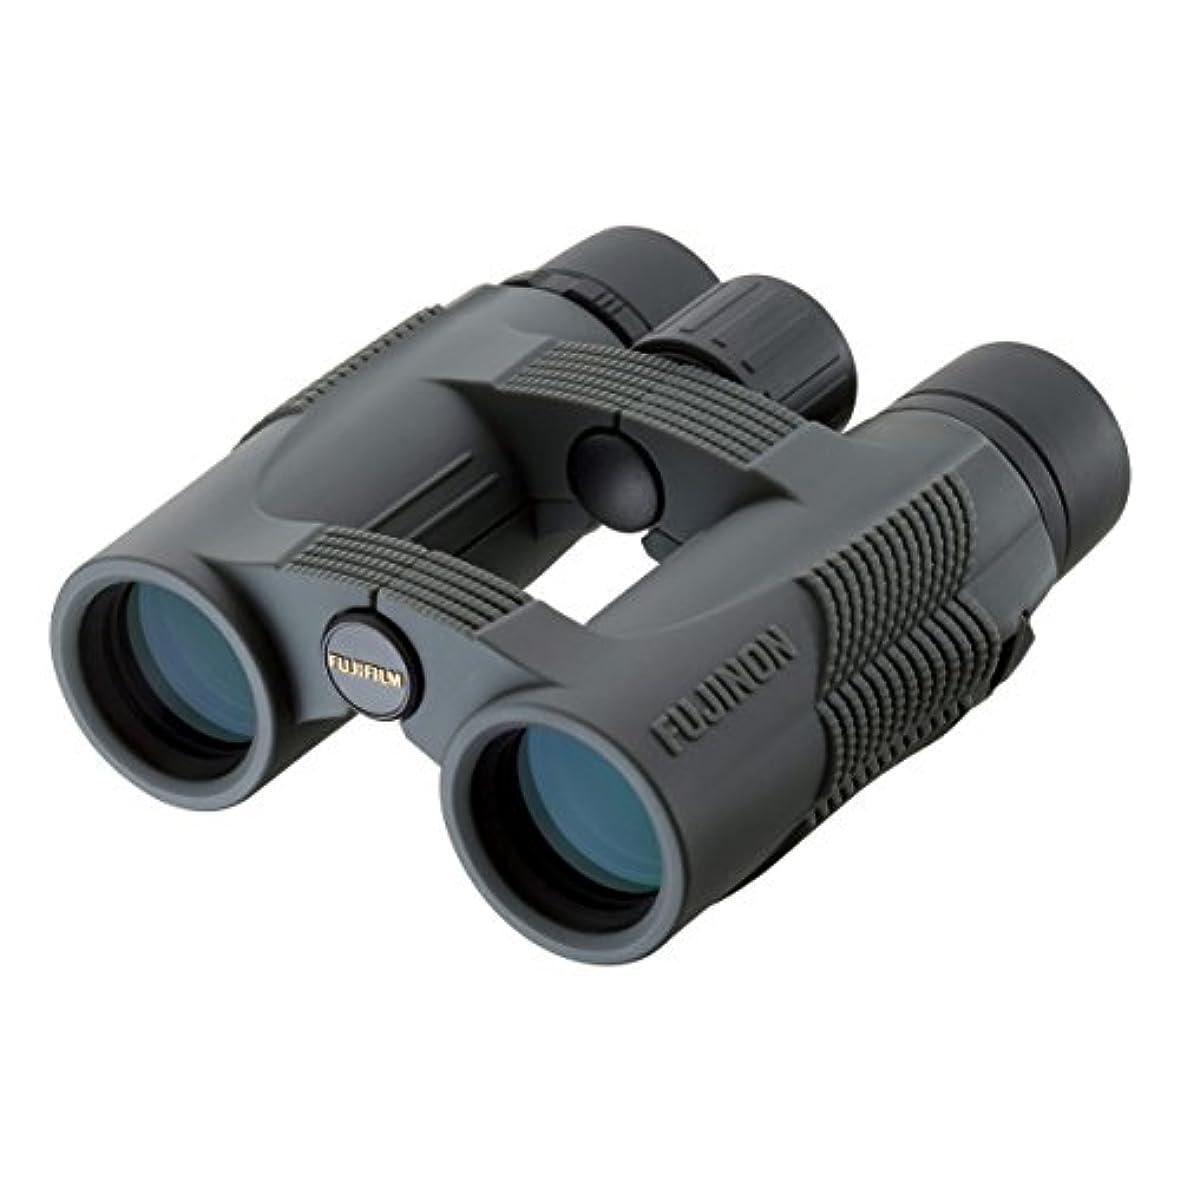 トーク口実こどもの日FUJINON 双眼鏡 KFシリーズ 8×32 W ダハプリズム式 8倍 32口径 完全防水 小型 軽量 グラスファイバー入りポリカーボネートボディ BP335A-1 501